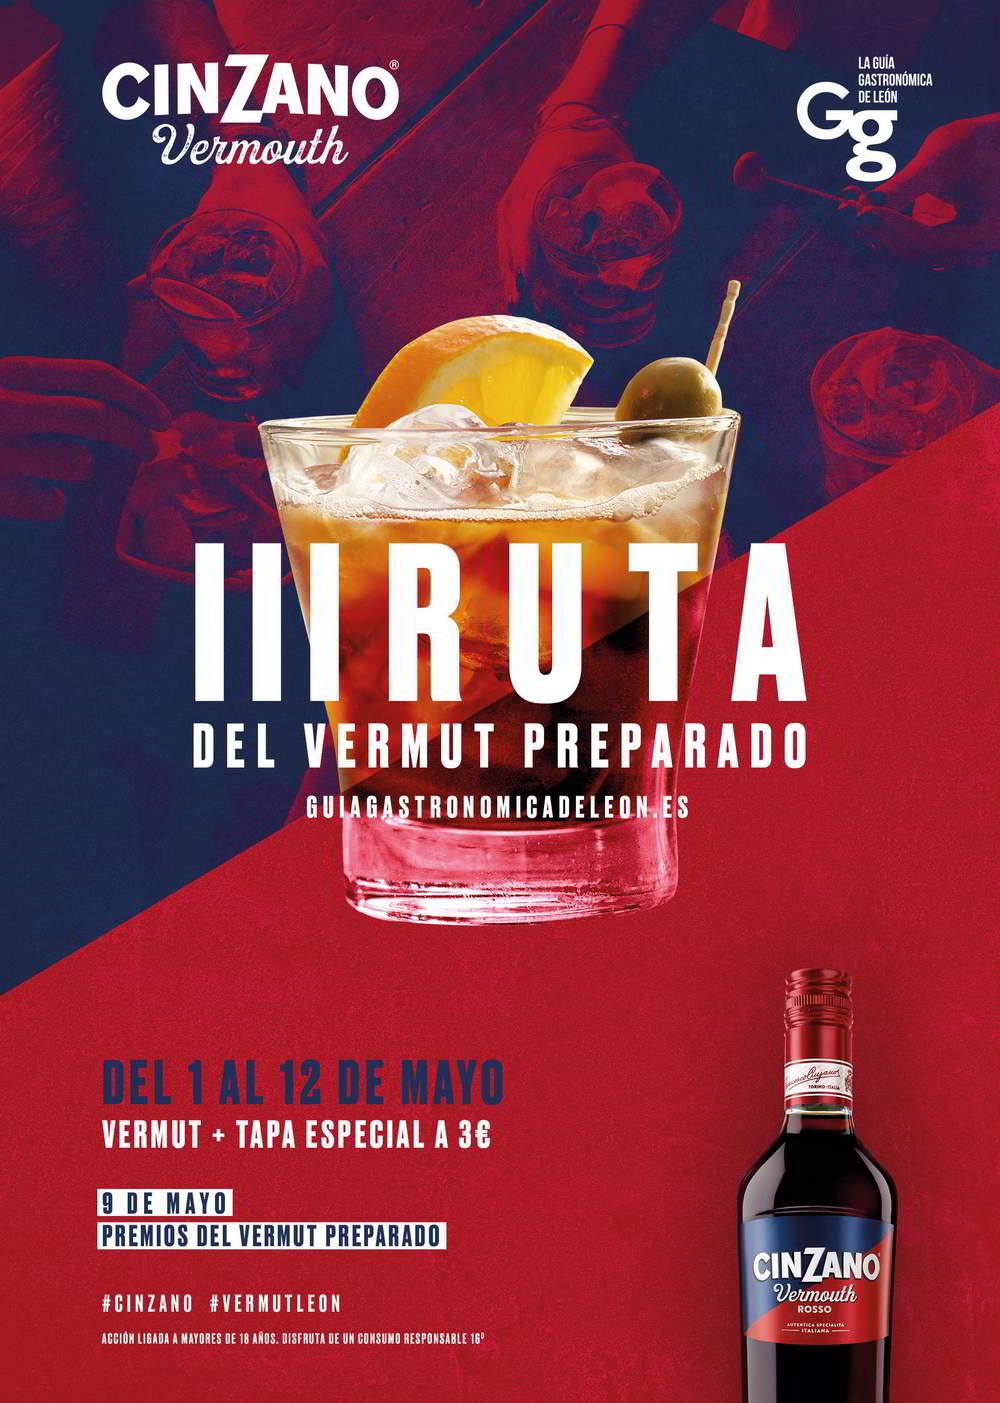 III Ruta del Vermut Preparado Cinzano León 2019 - 1